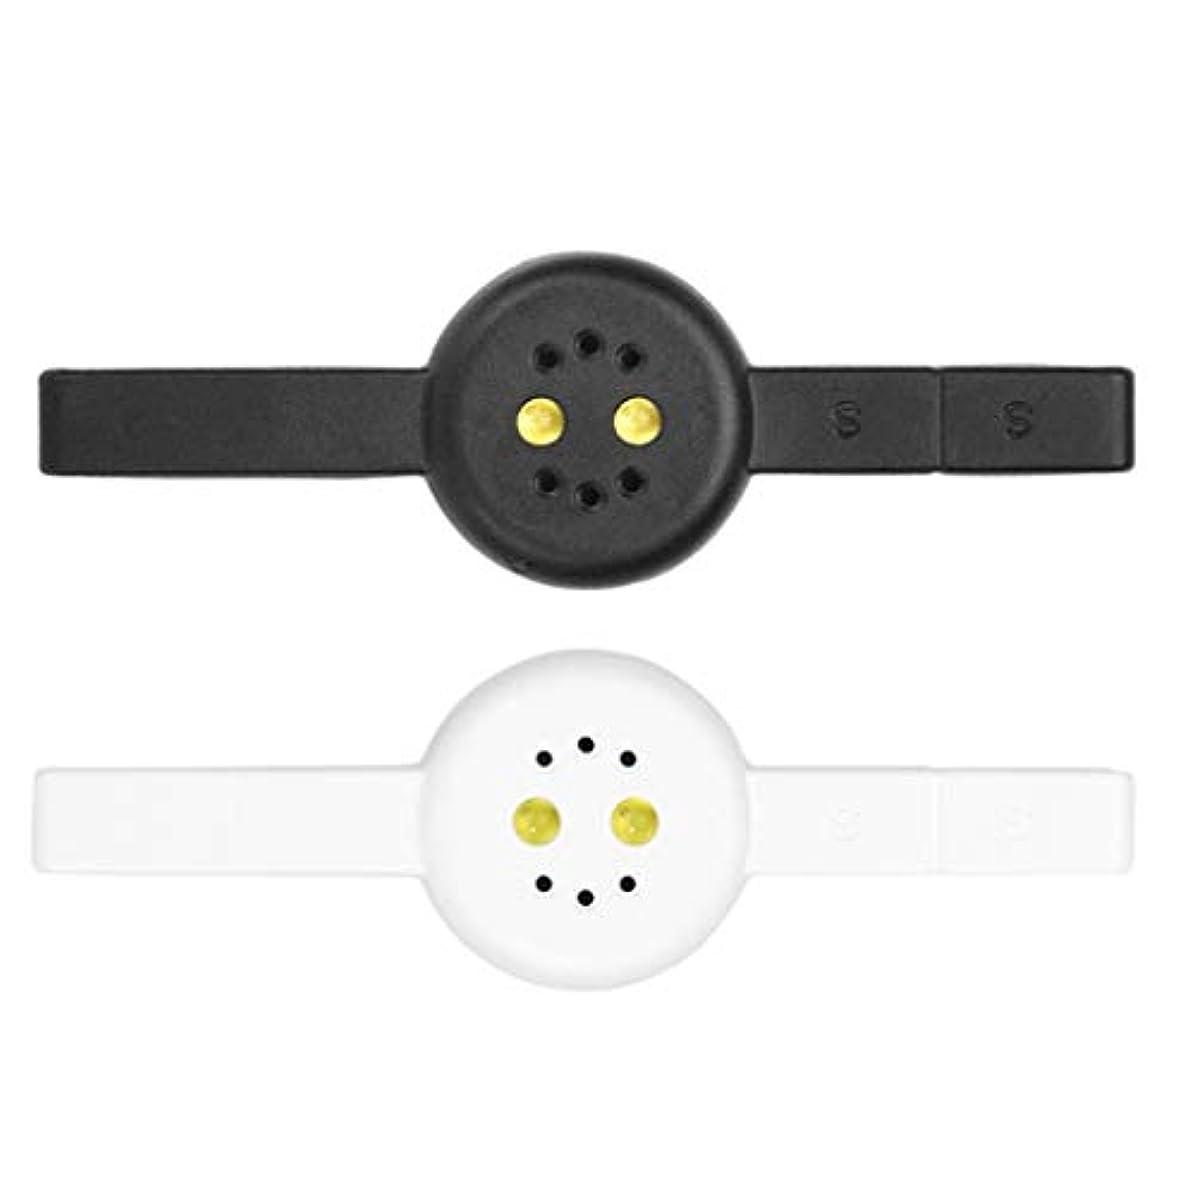 社会主義ハーネス癌Toygogo 2本DIYミニネイルマニキュア硬化ランプ磁気Cateye PolyGelポリッシュドライヤー